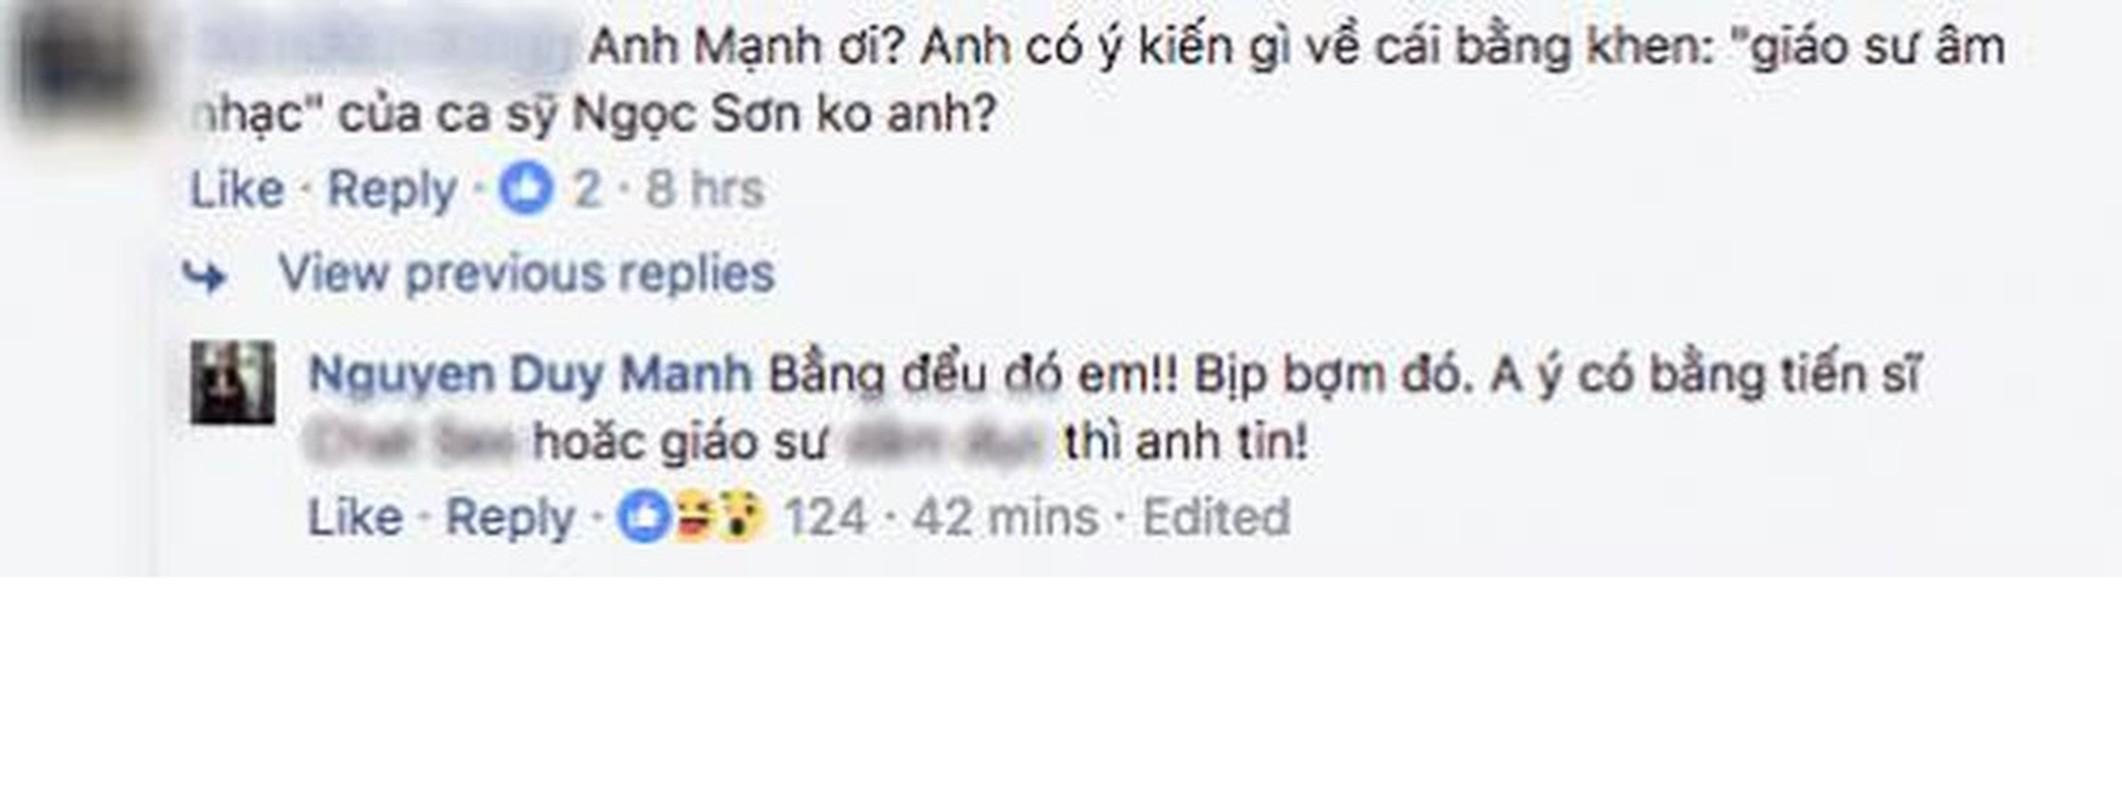 """Loat phat ngon soc tan oc cua Duy Manh, sao Viet nao """"dinh chuong""""?-Hinh-9"""